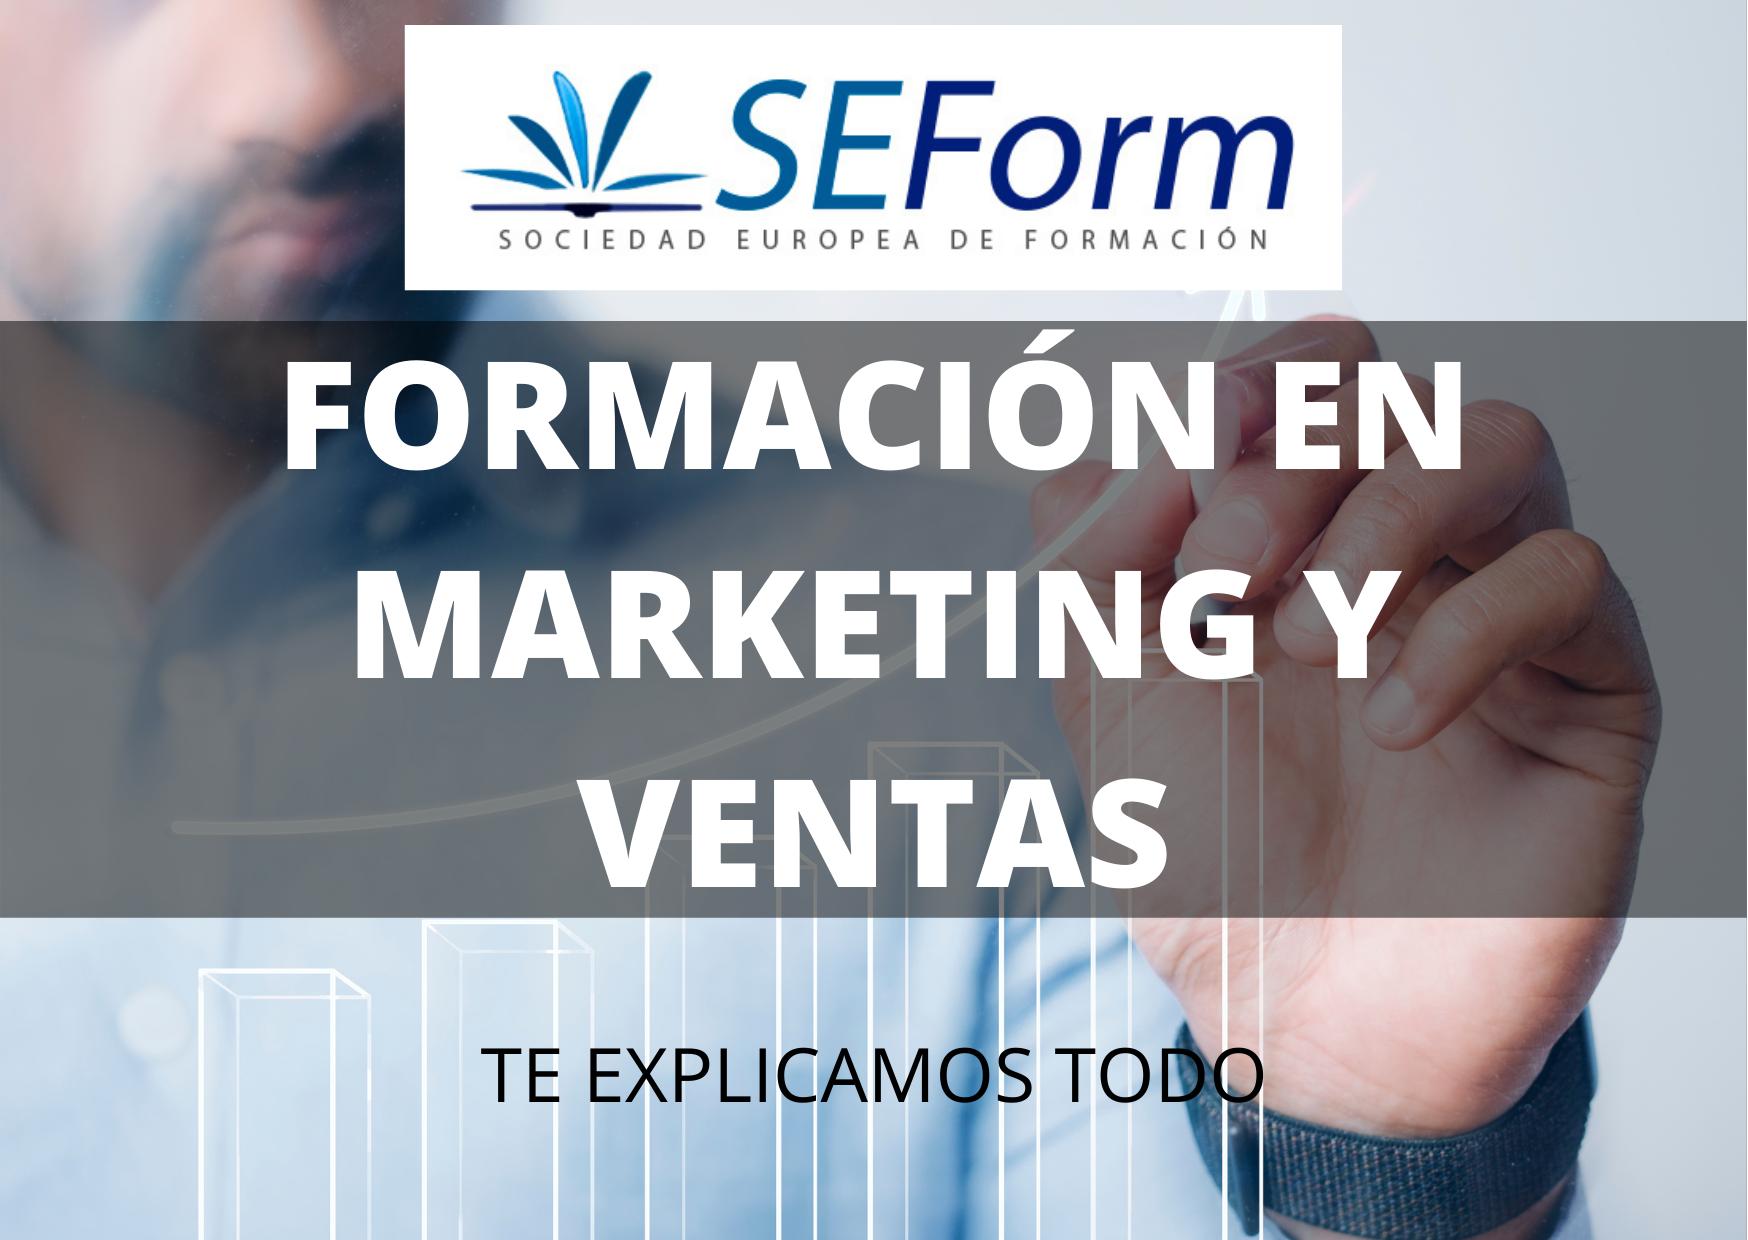 FORMACIÓN EN MARKETING Y VENTAS